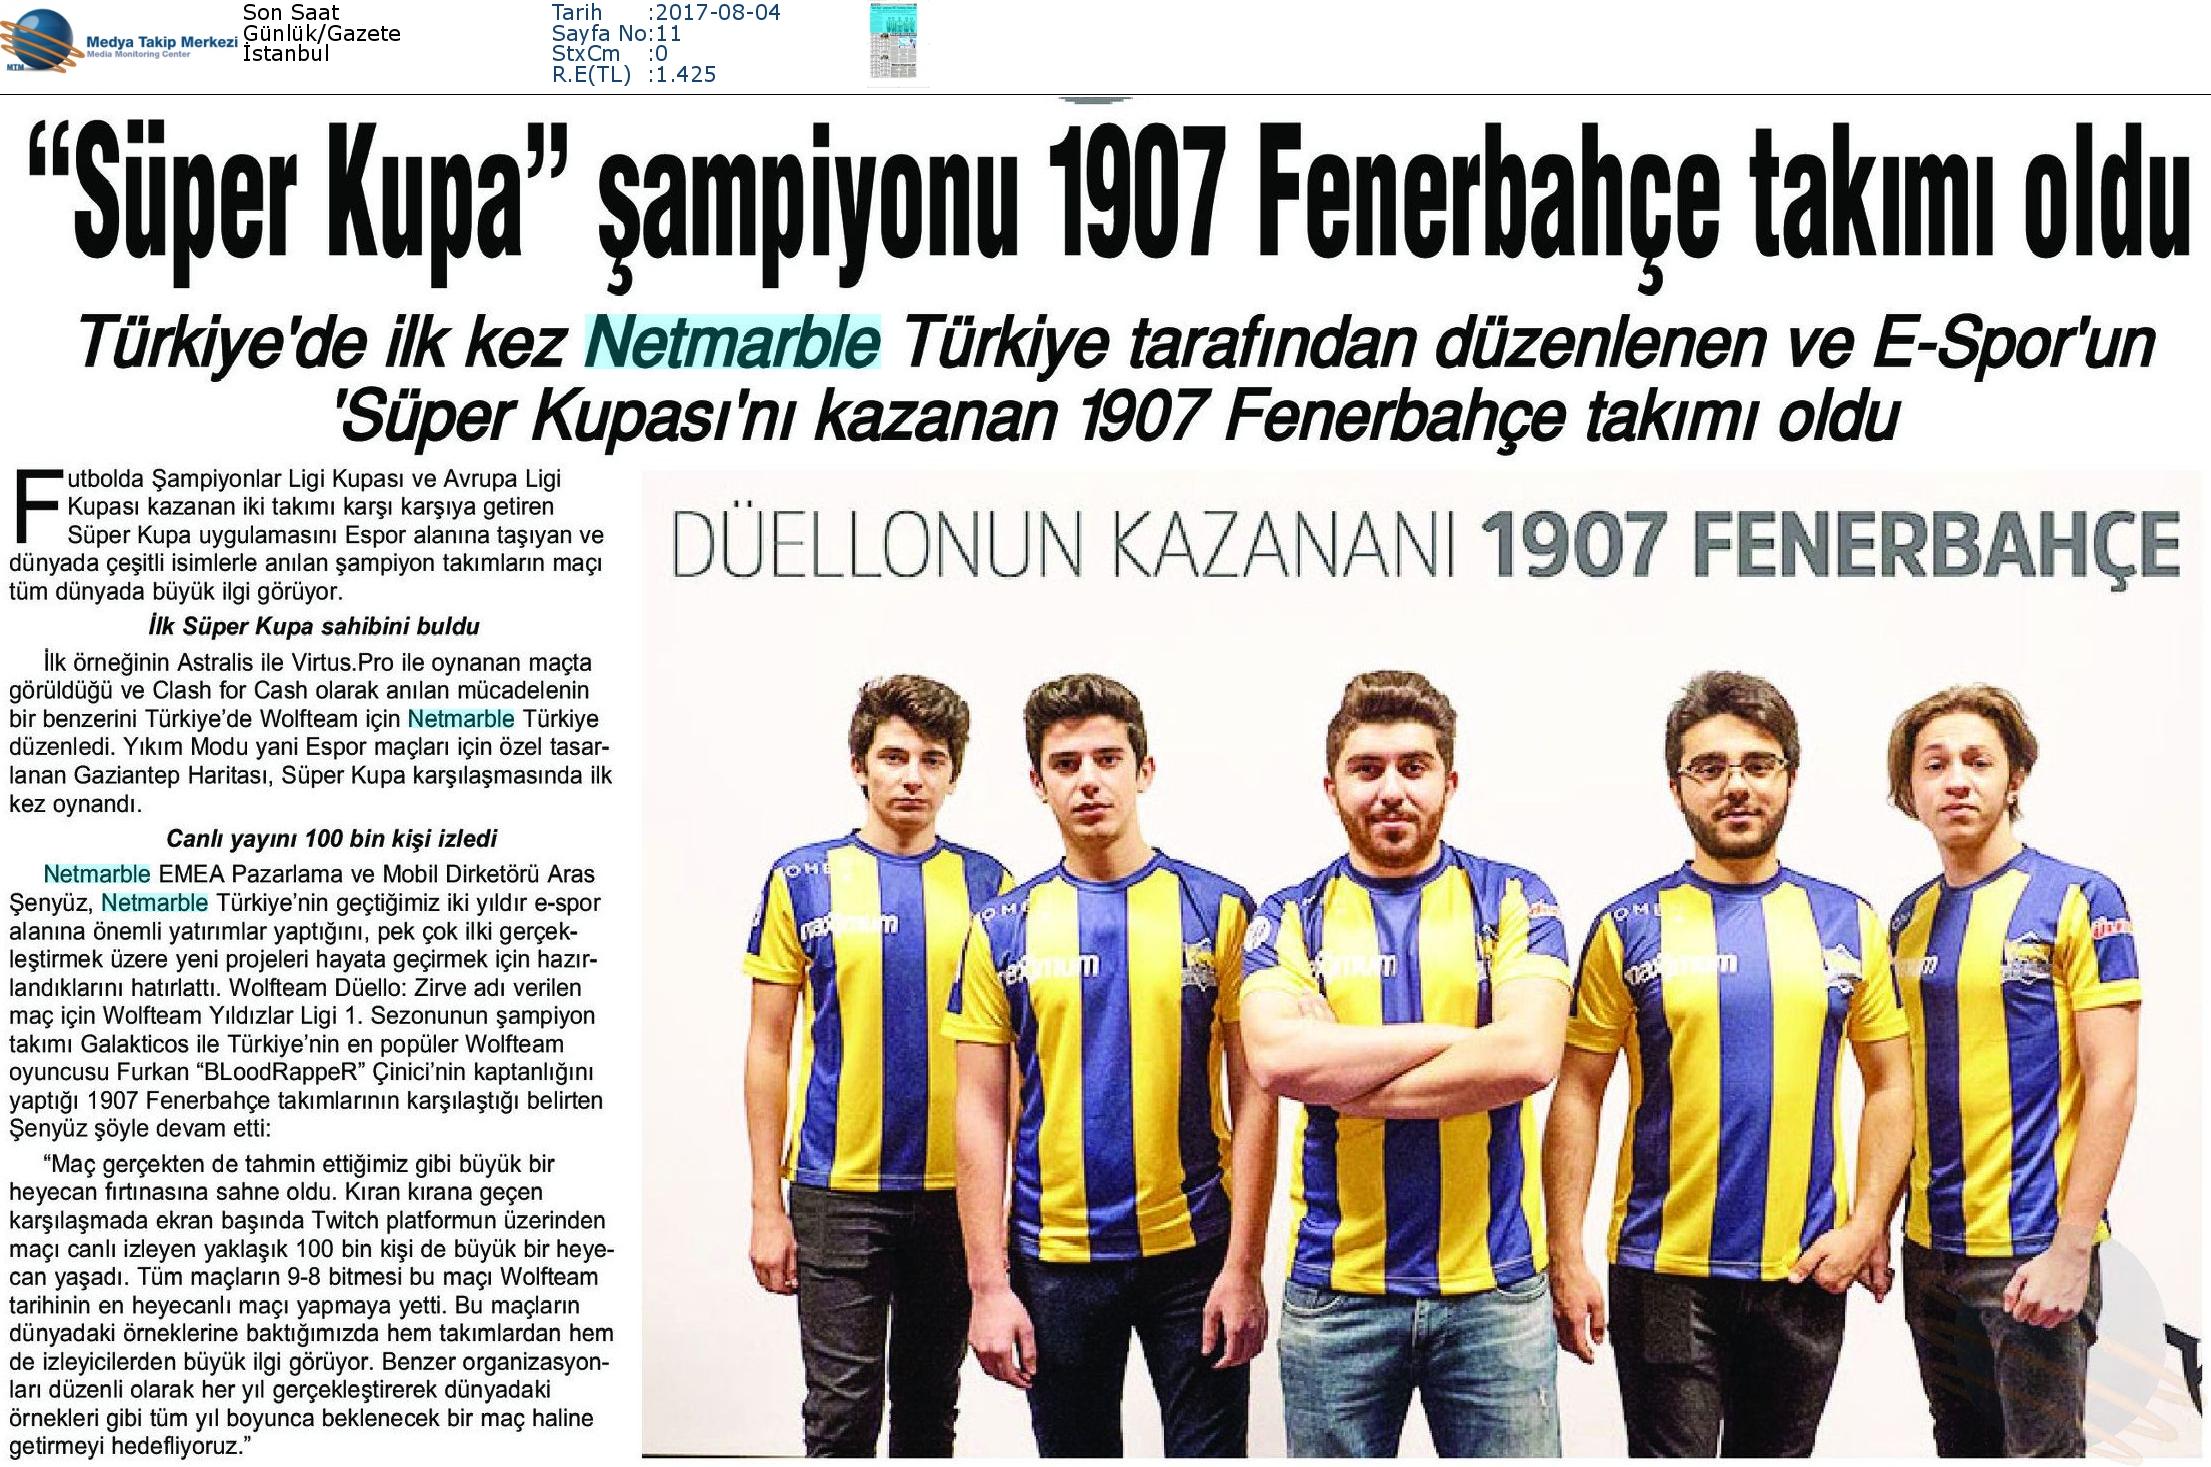 Son_Saat-SÜPER_KUPA_ŞAMPİYONU_1907_FENERBAHÇE_TAKIMI_OLDU-04.08.2017